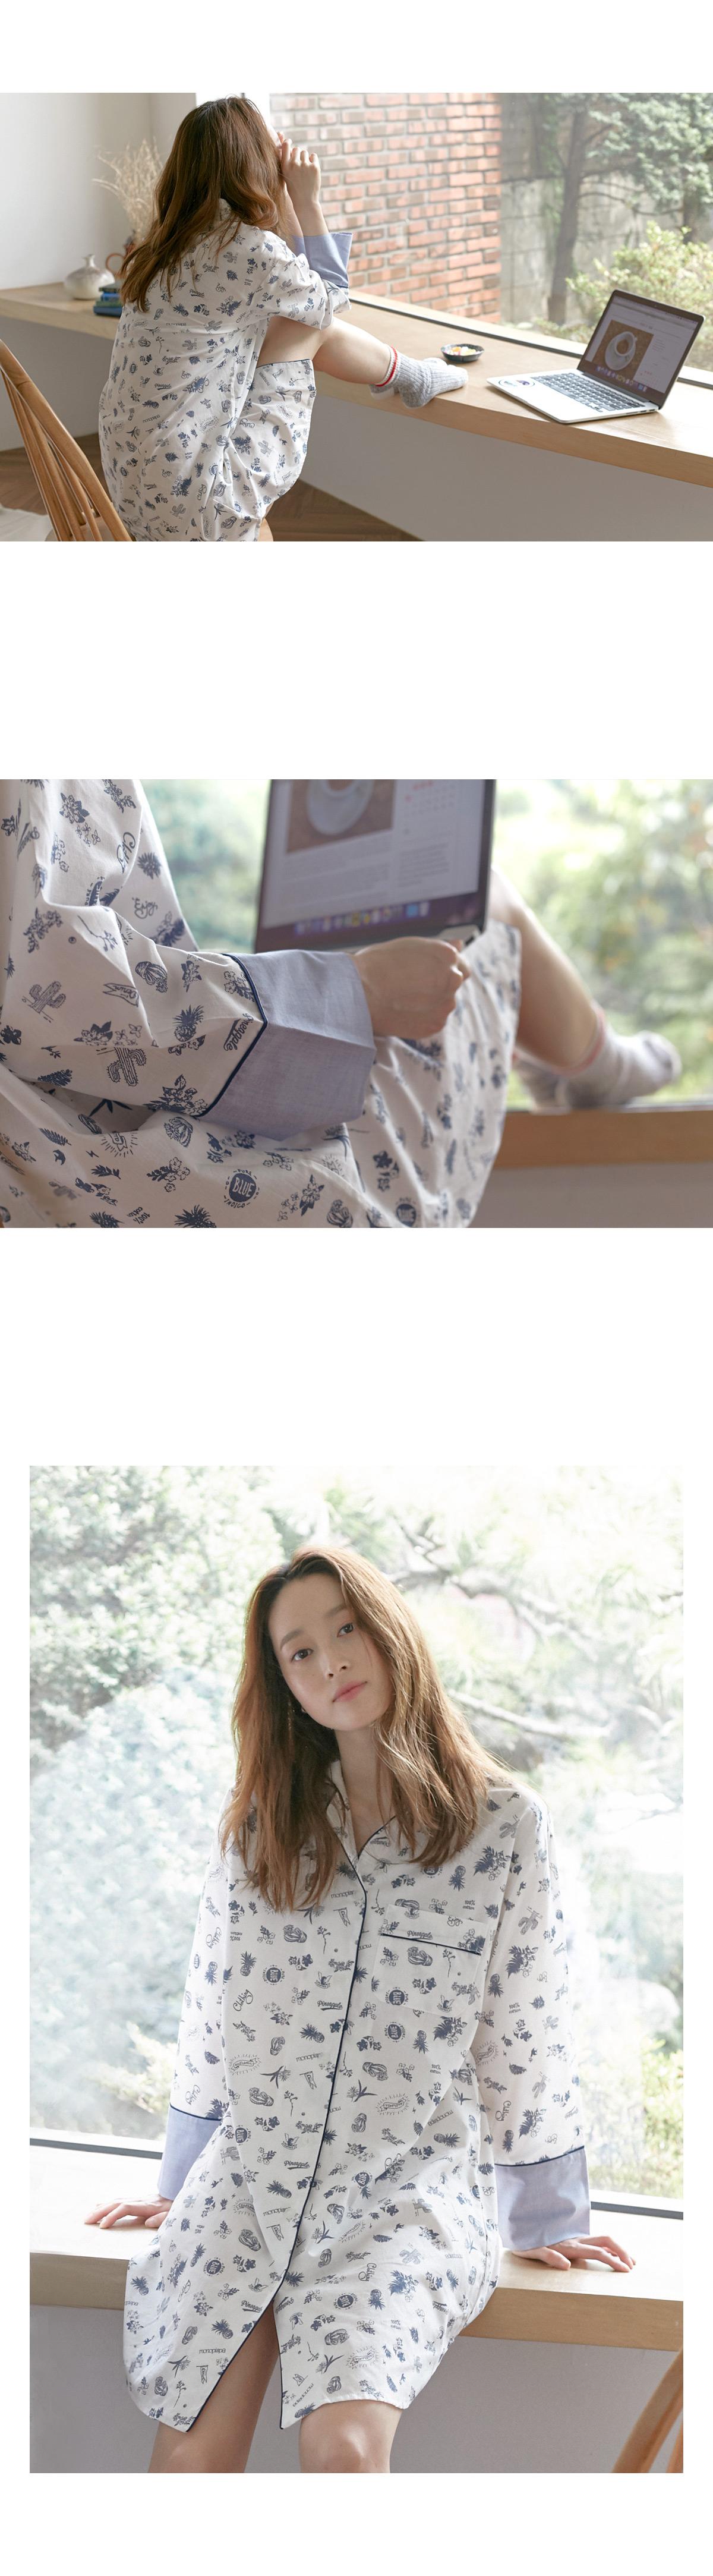 조이 순면 셔츠  원피스잠옷 - 바이메이비, 56,700원, 잠옷, 원피스잠옷